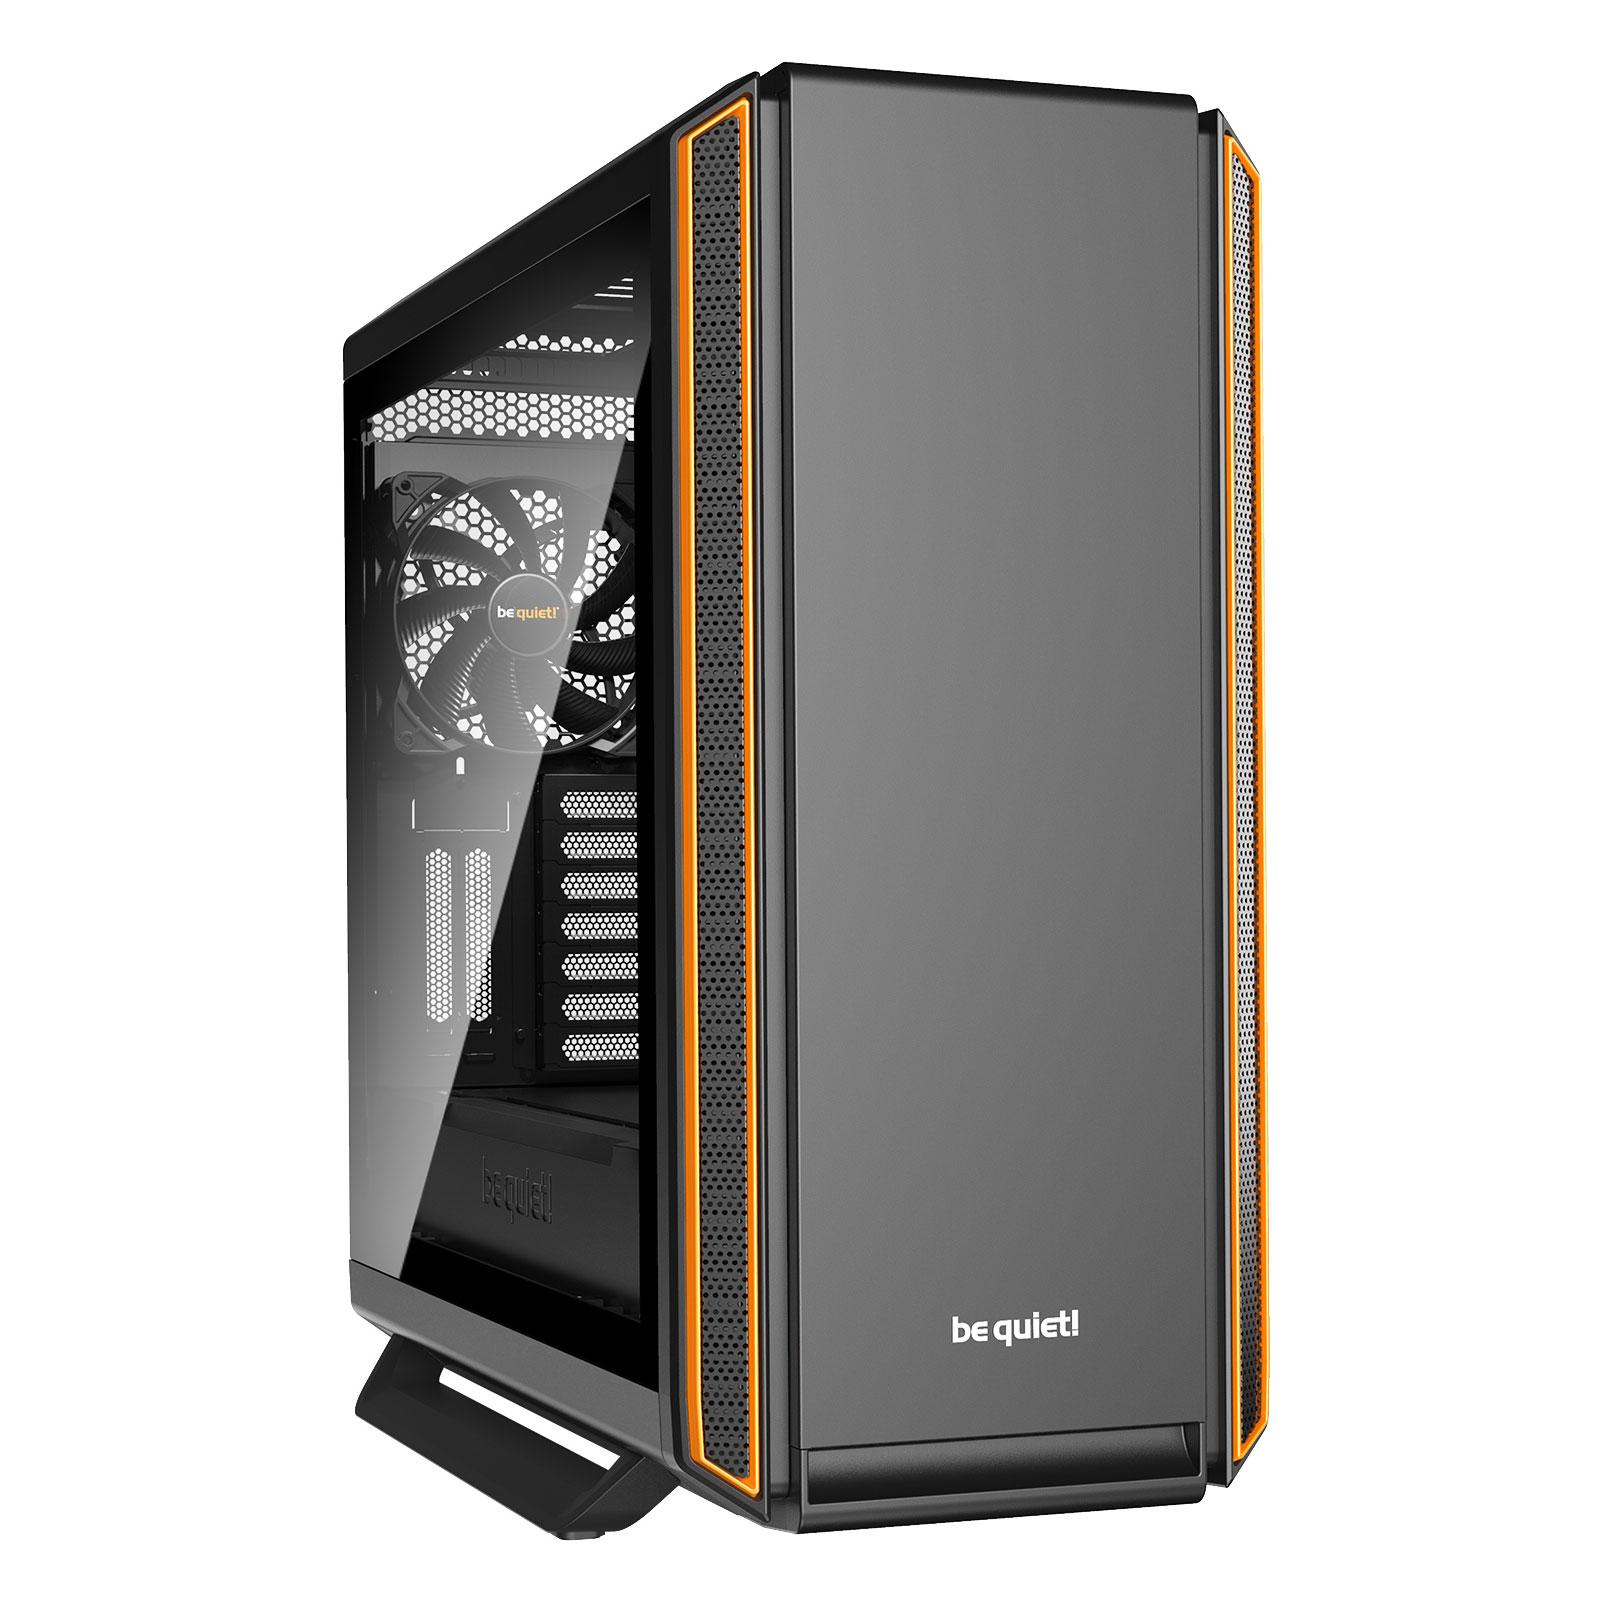 Boîtier PC be quiet! Silent Base 801 Window (Orange) Boîtier grand tour avec fenêtre latérale en verre trempé